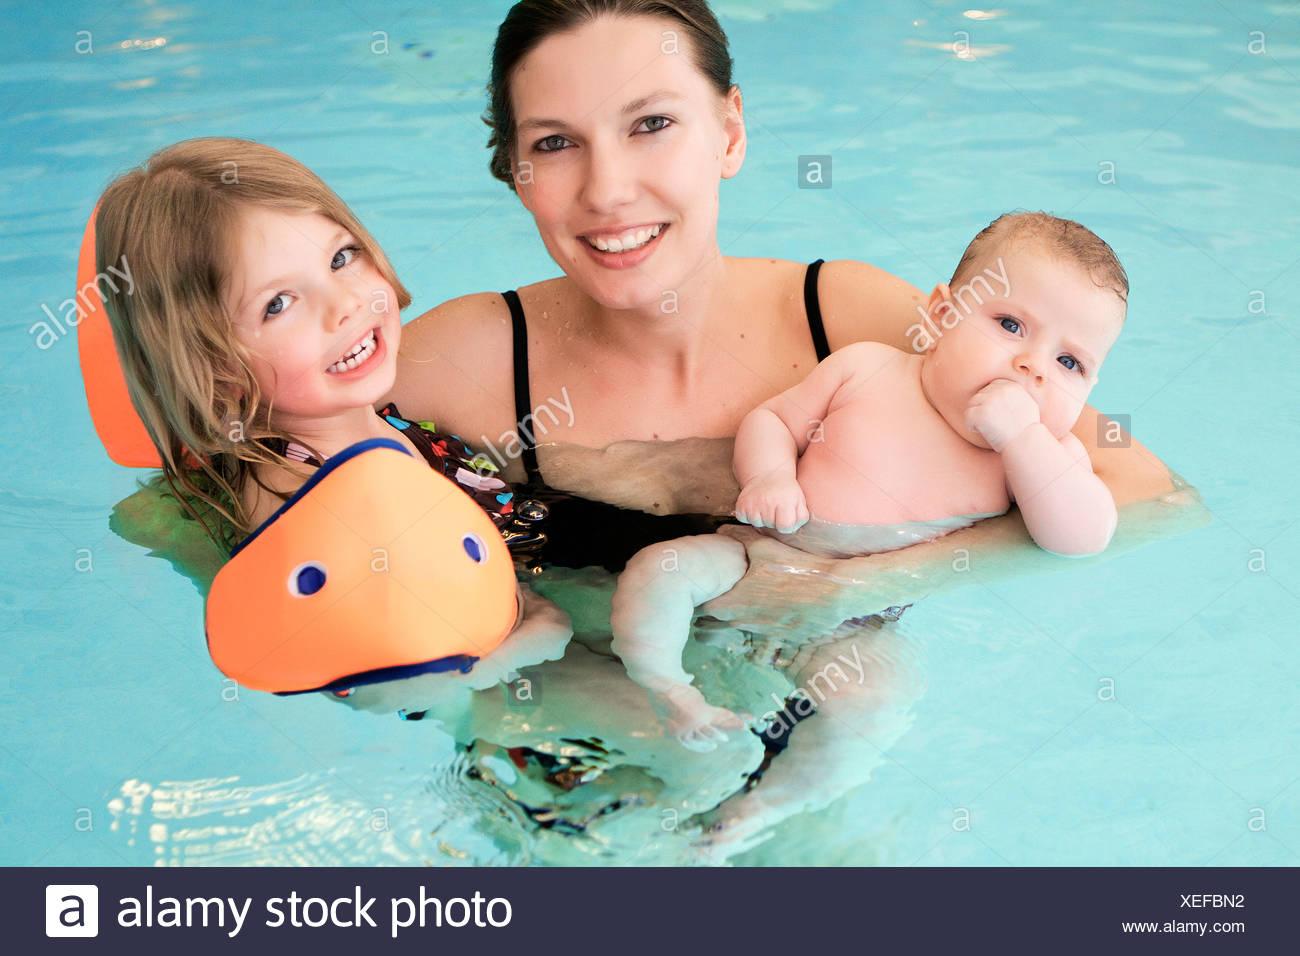 Frau, die Kinder im Schwimmbad Stockfoto, Bild: 284309566 - Alamy